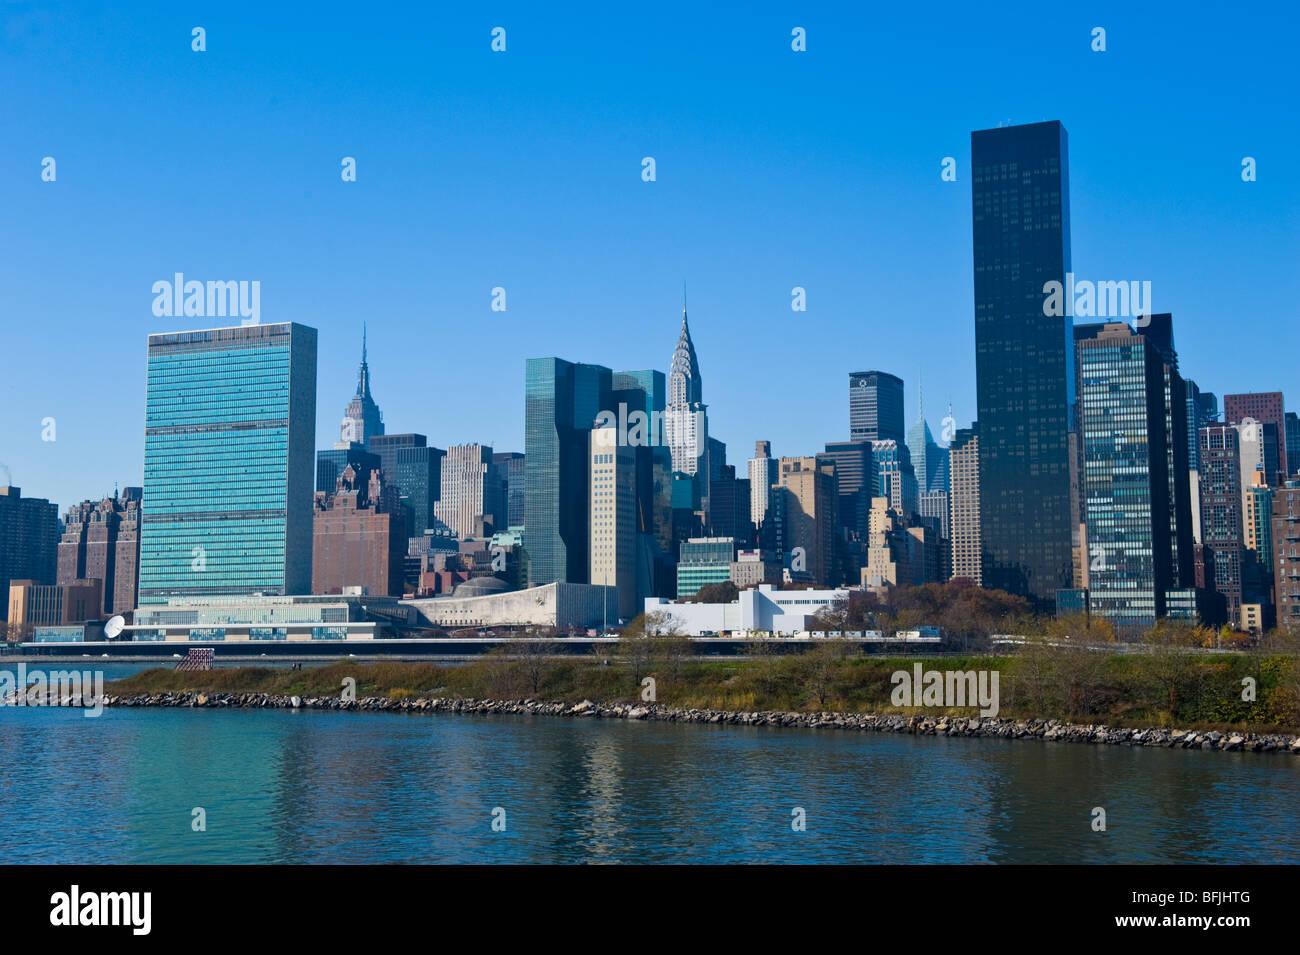 New York City , la Grande Pomme , Manhattan skyline avec bâtiment DES NATIONS UNIES à partir de l'eau Photo Stock